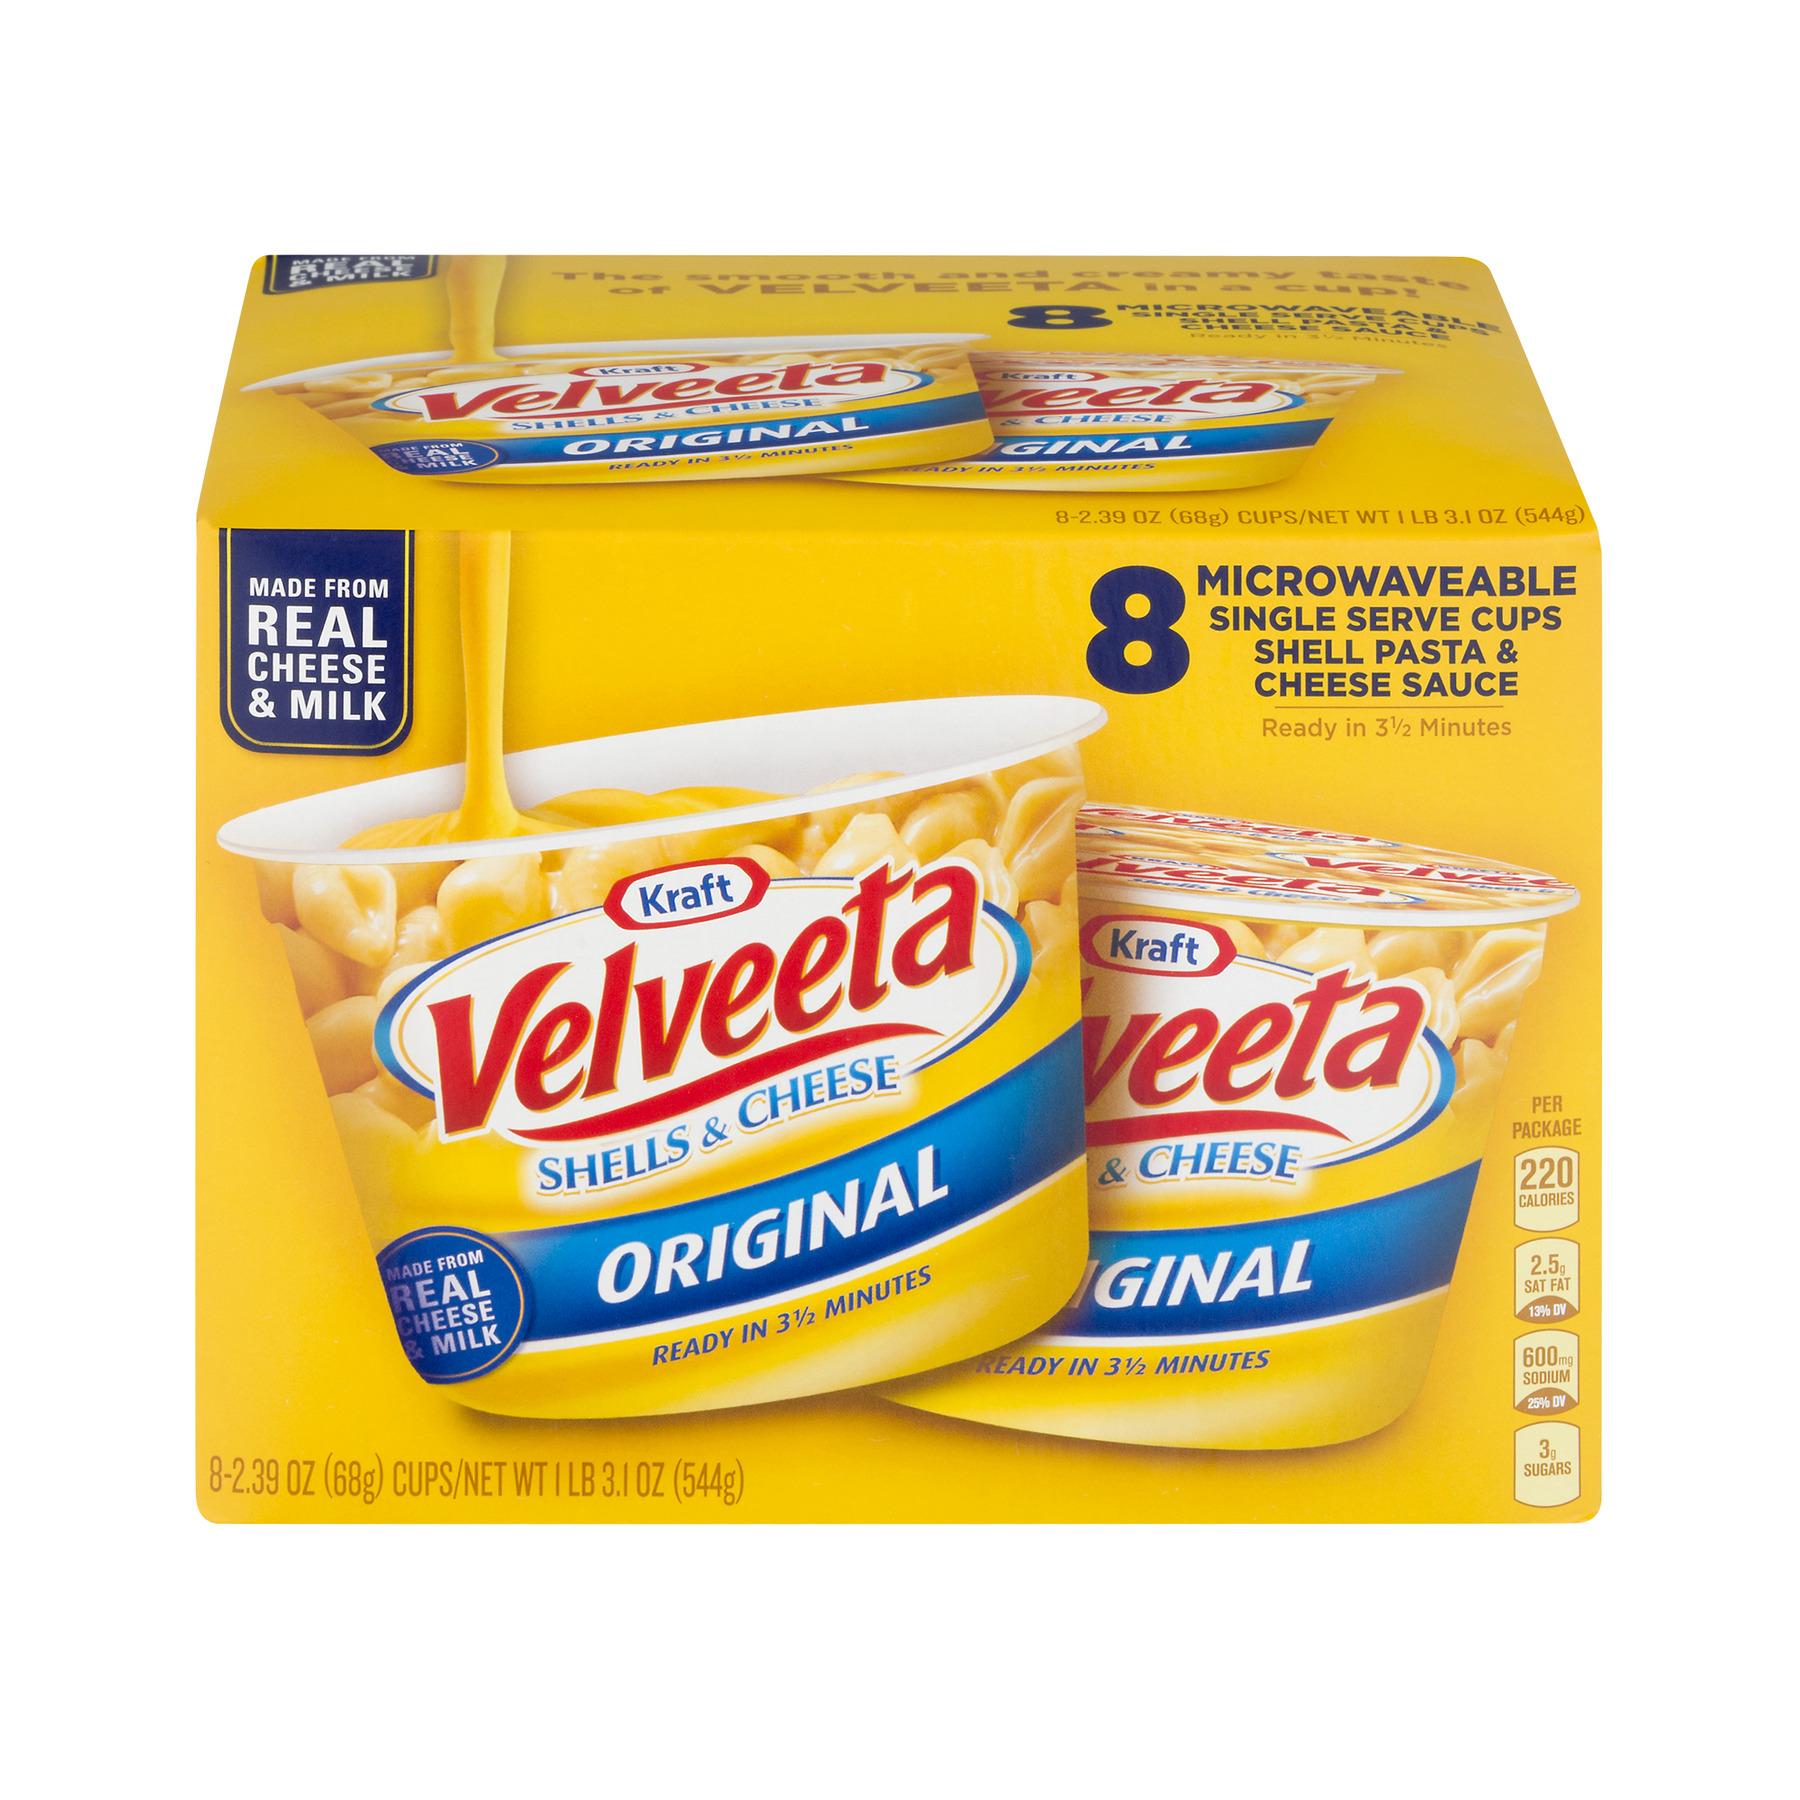 Velveeta Shells & Cheese Original - 8 CT